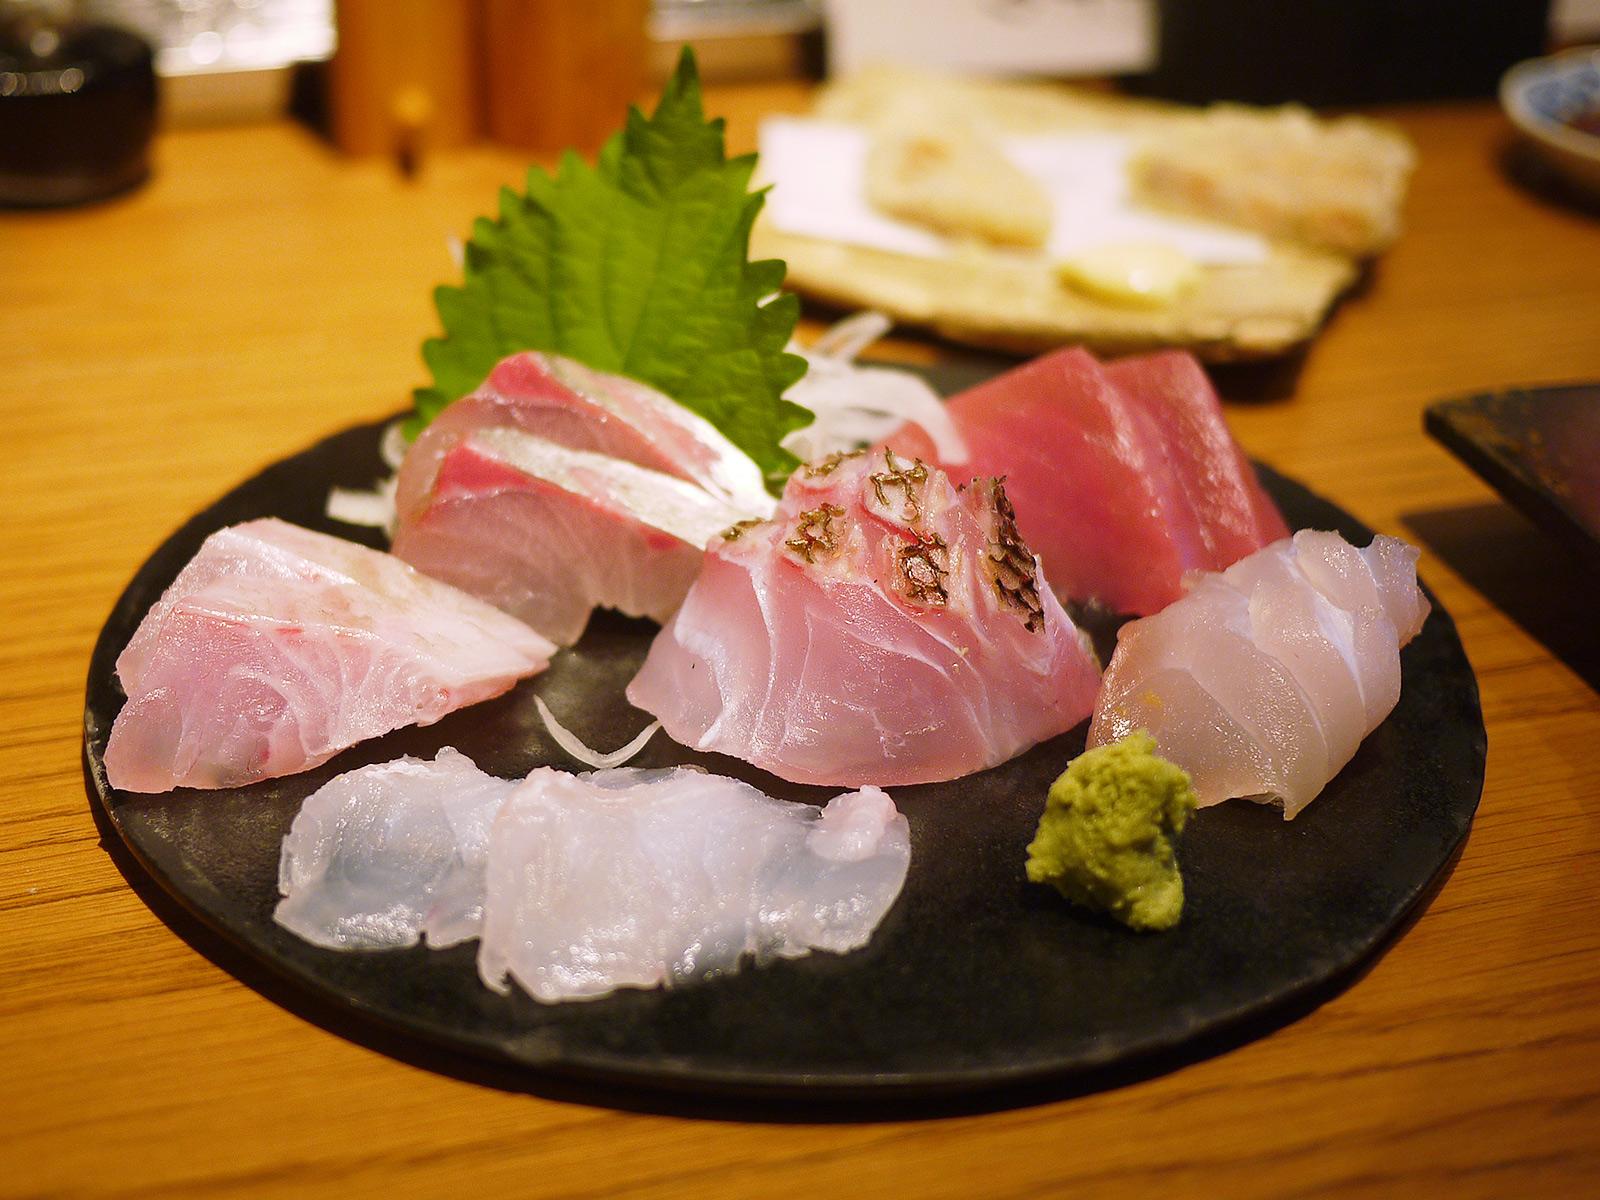 創作料理が美味しい♪落ち着いた人気の居酒屋【是屋(これや)】@北千住